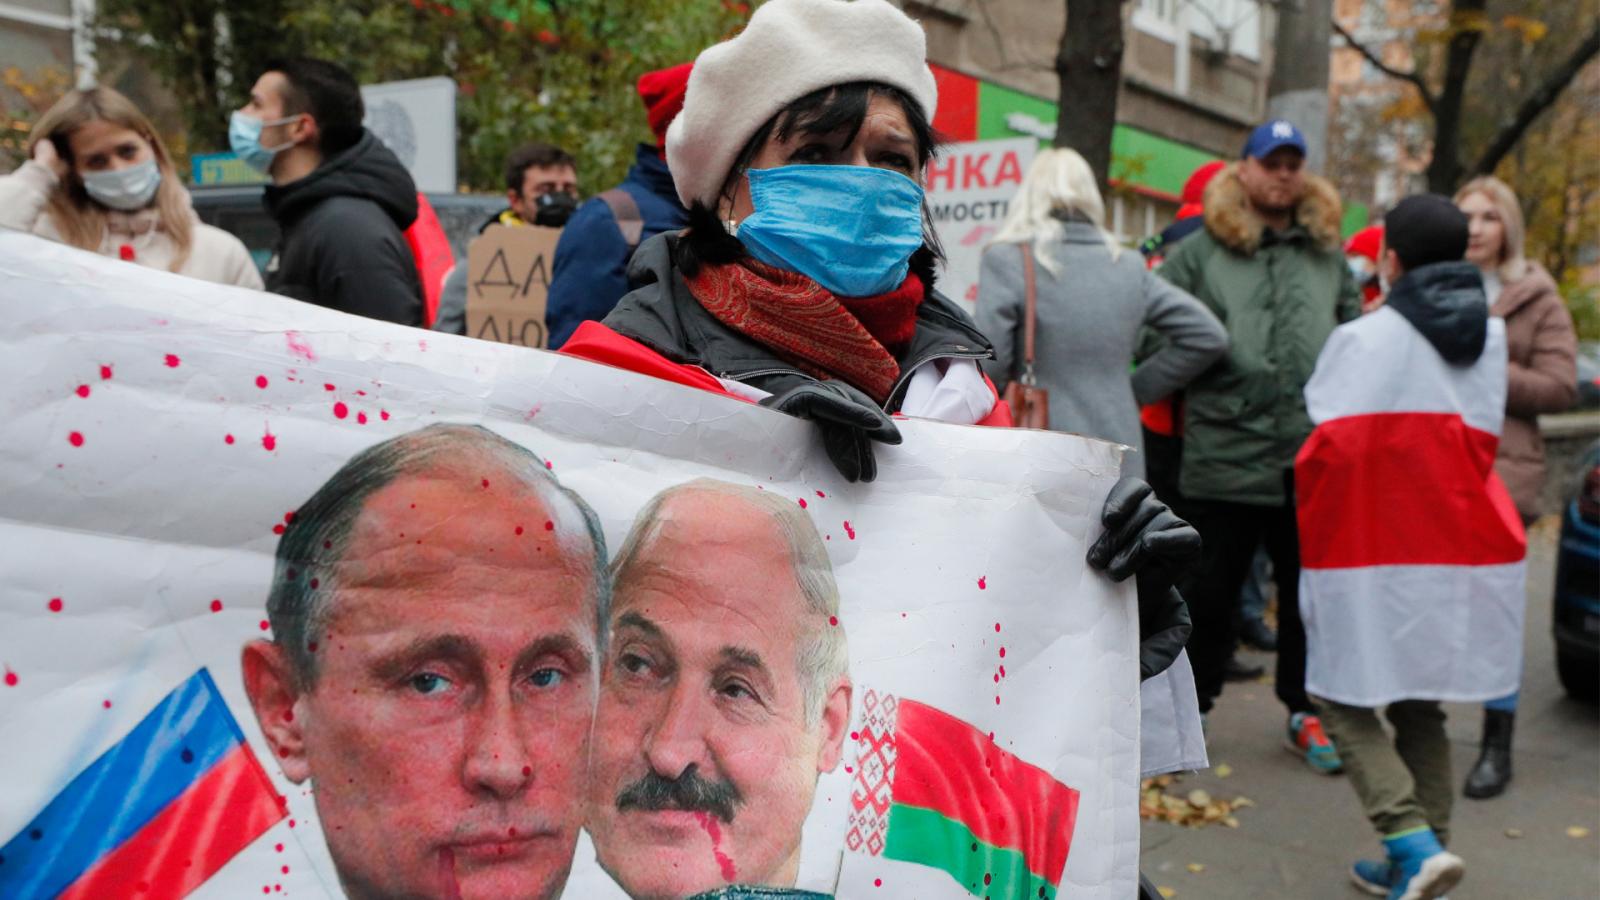 Reportajes 5 Continentes - 2020: El año que puso en jaque a Lukashenko - Escuchar ahora